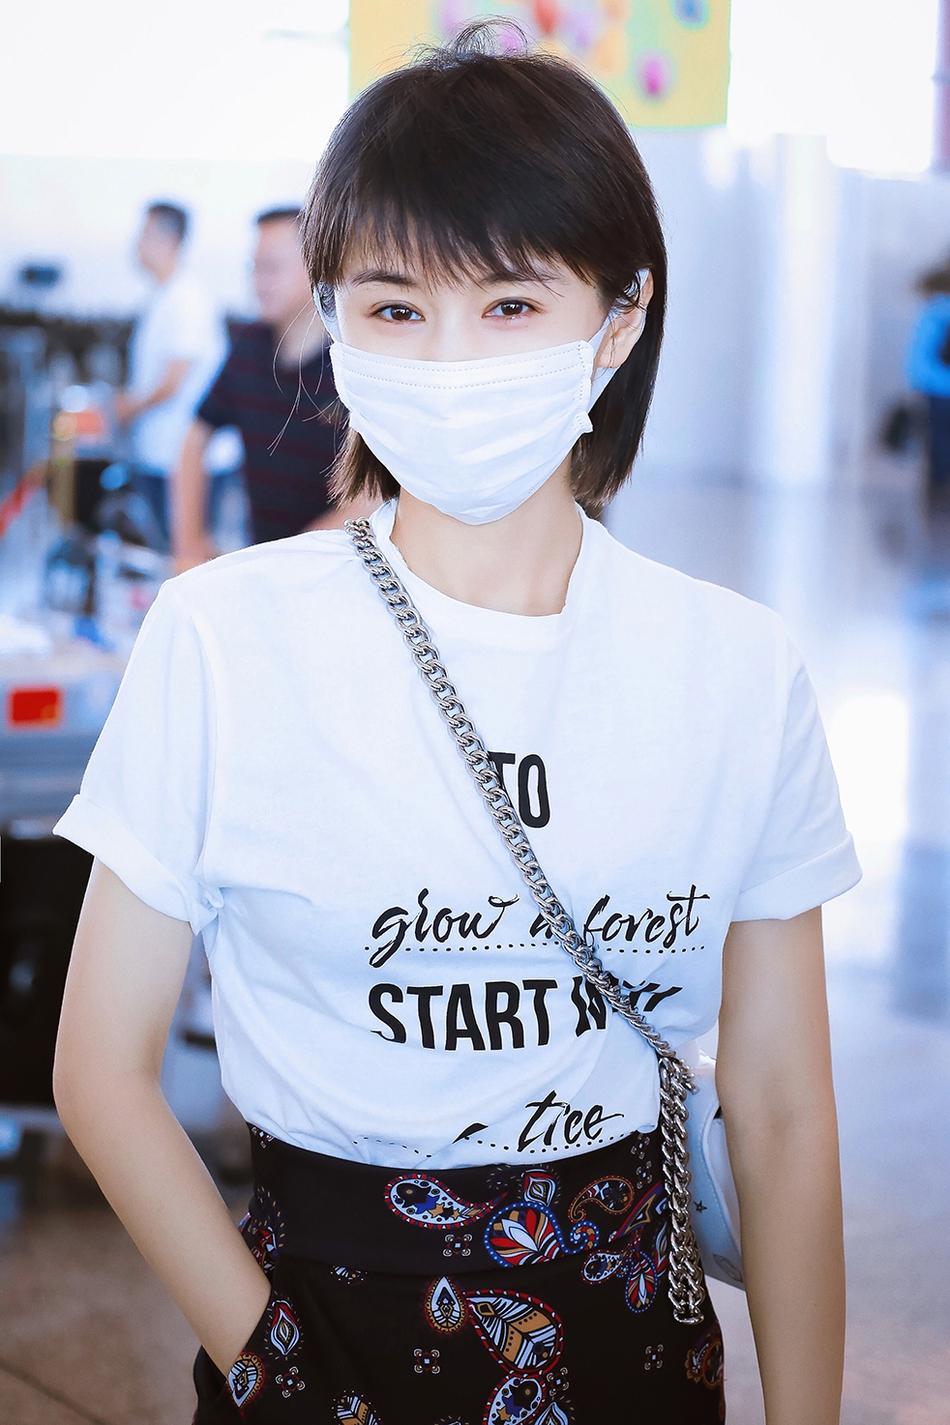 王子文现身机场 清新印花中裙秀出好比例